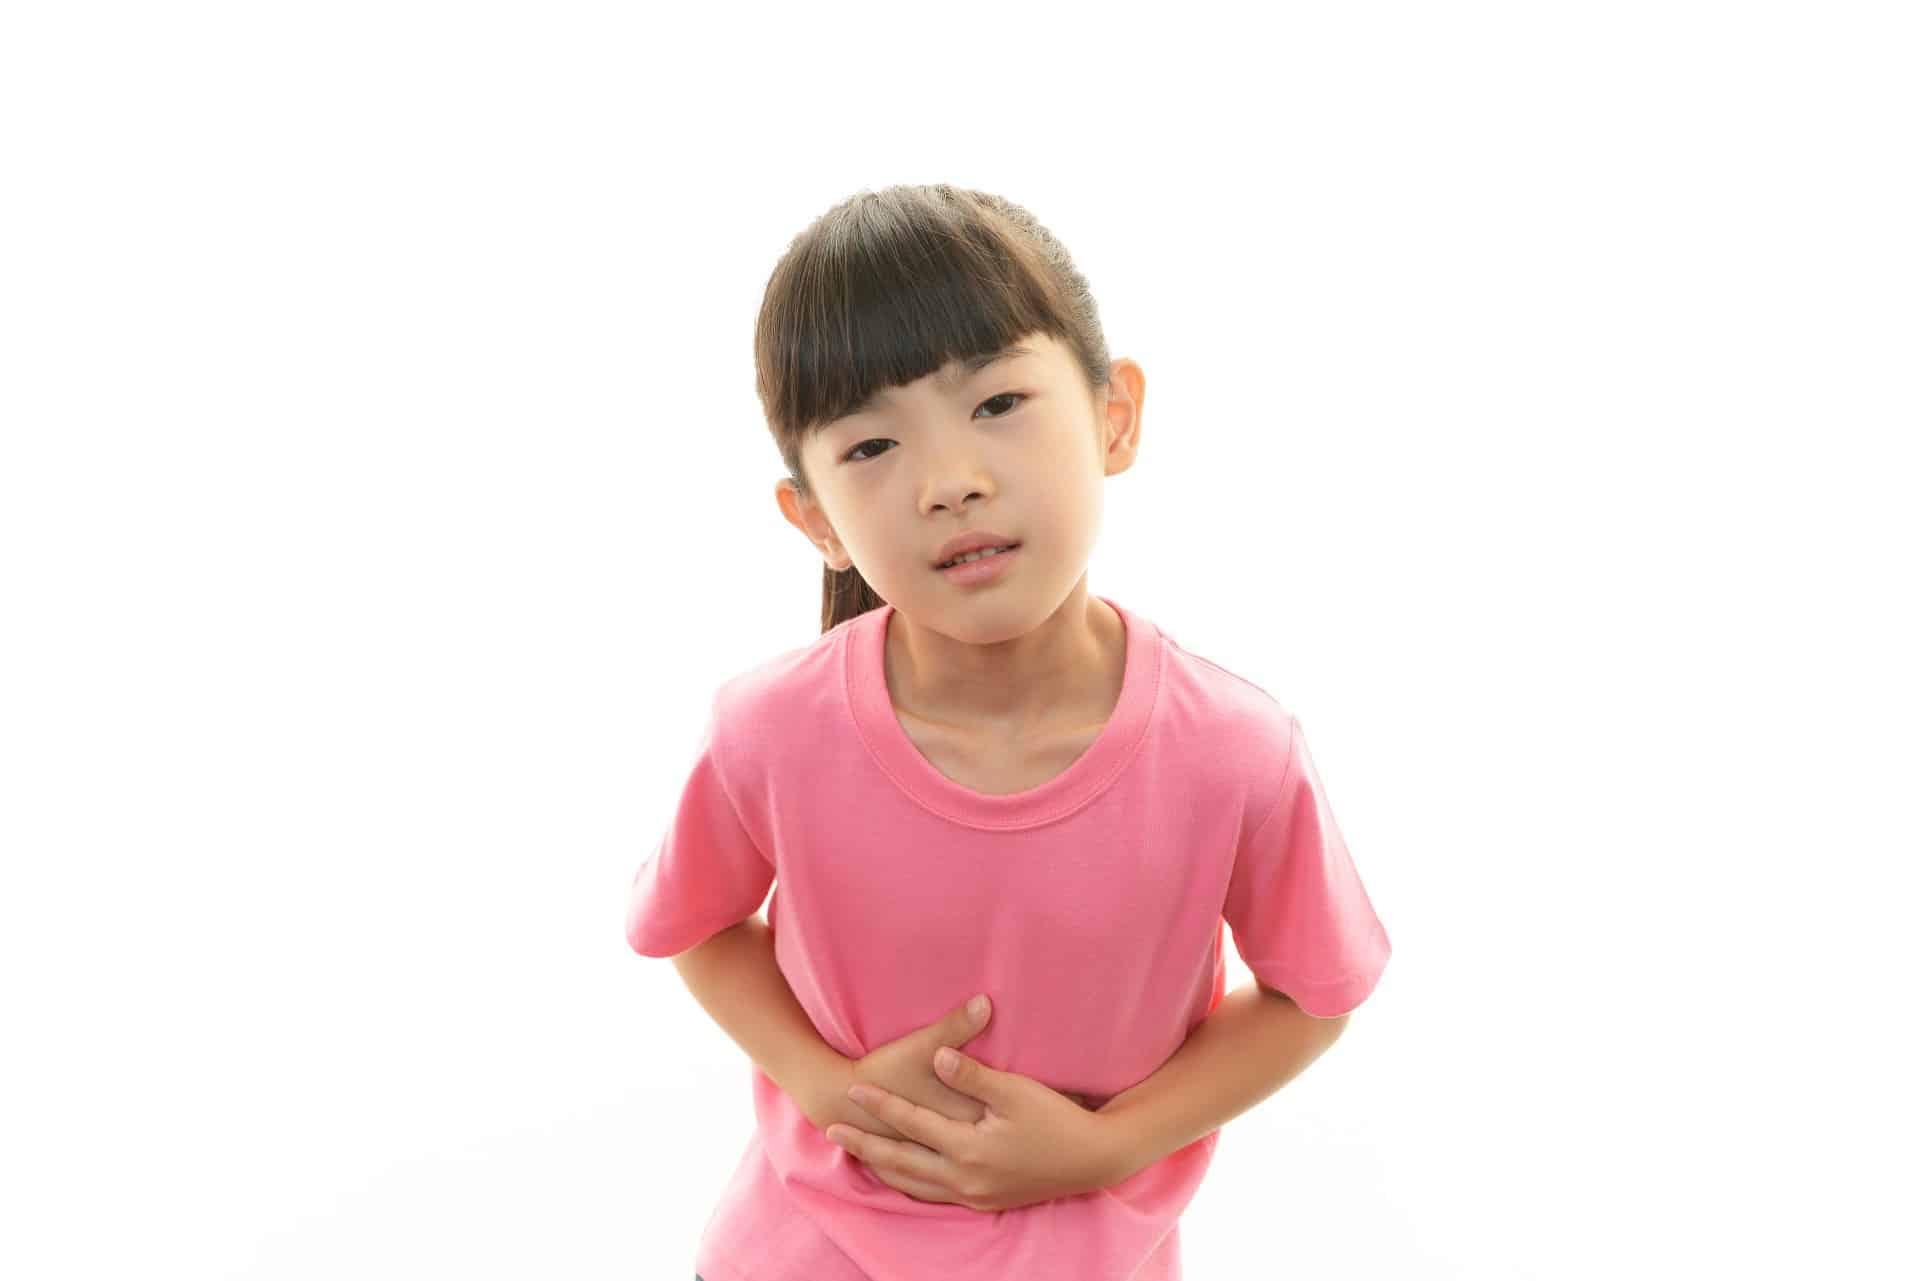 أسباب ألم البطن عند الاطفال وعلاجه بالأعشاب موسوعة